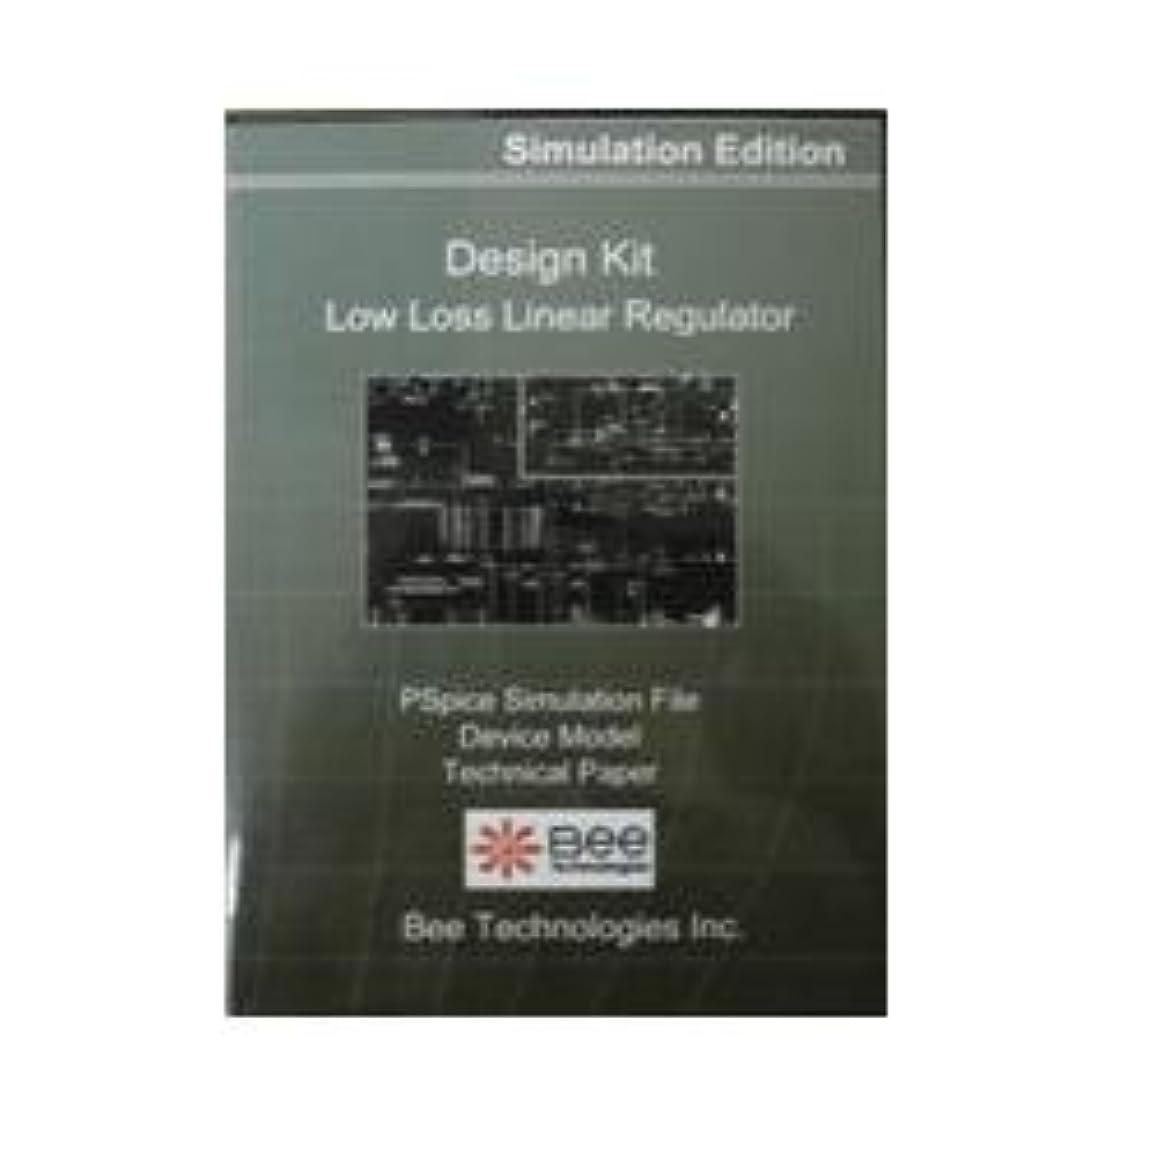 ピックエンコミウム詩人Bee Technologies SPICE デザインキット 低損失リニアレギュレータ 【Design Kit 003】